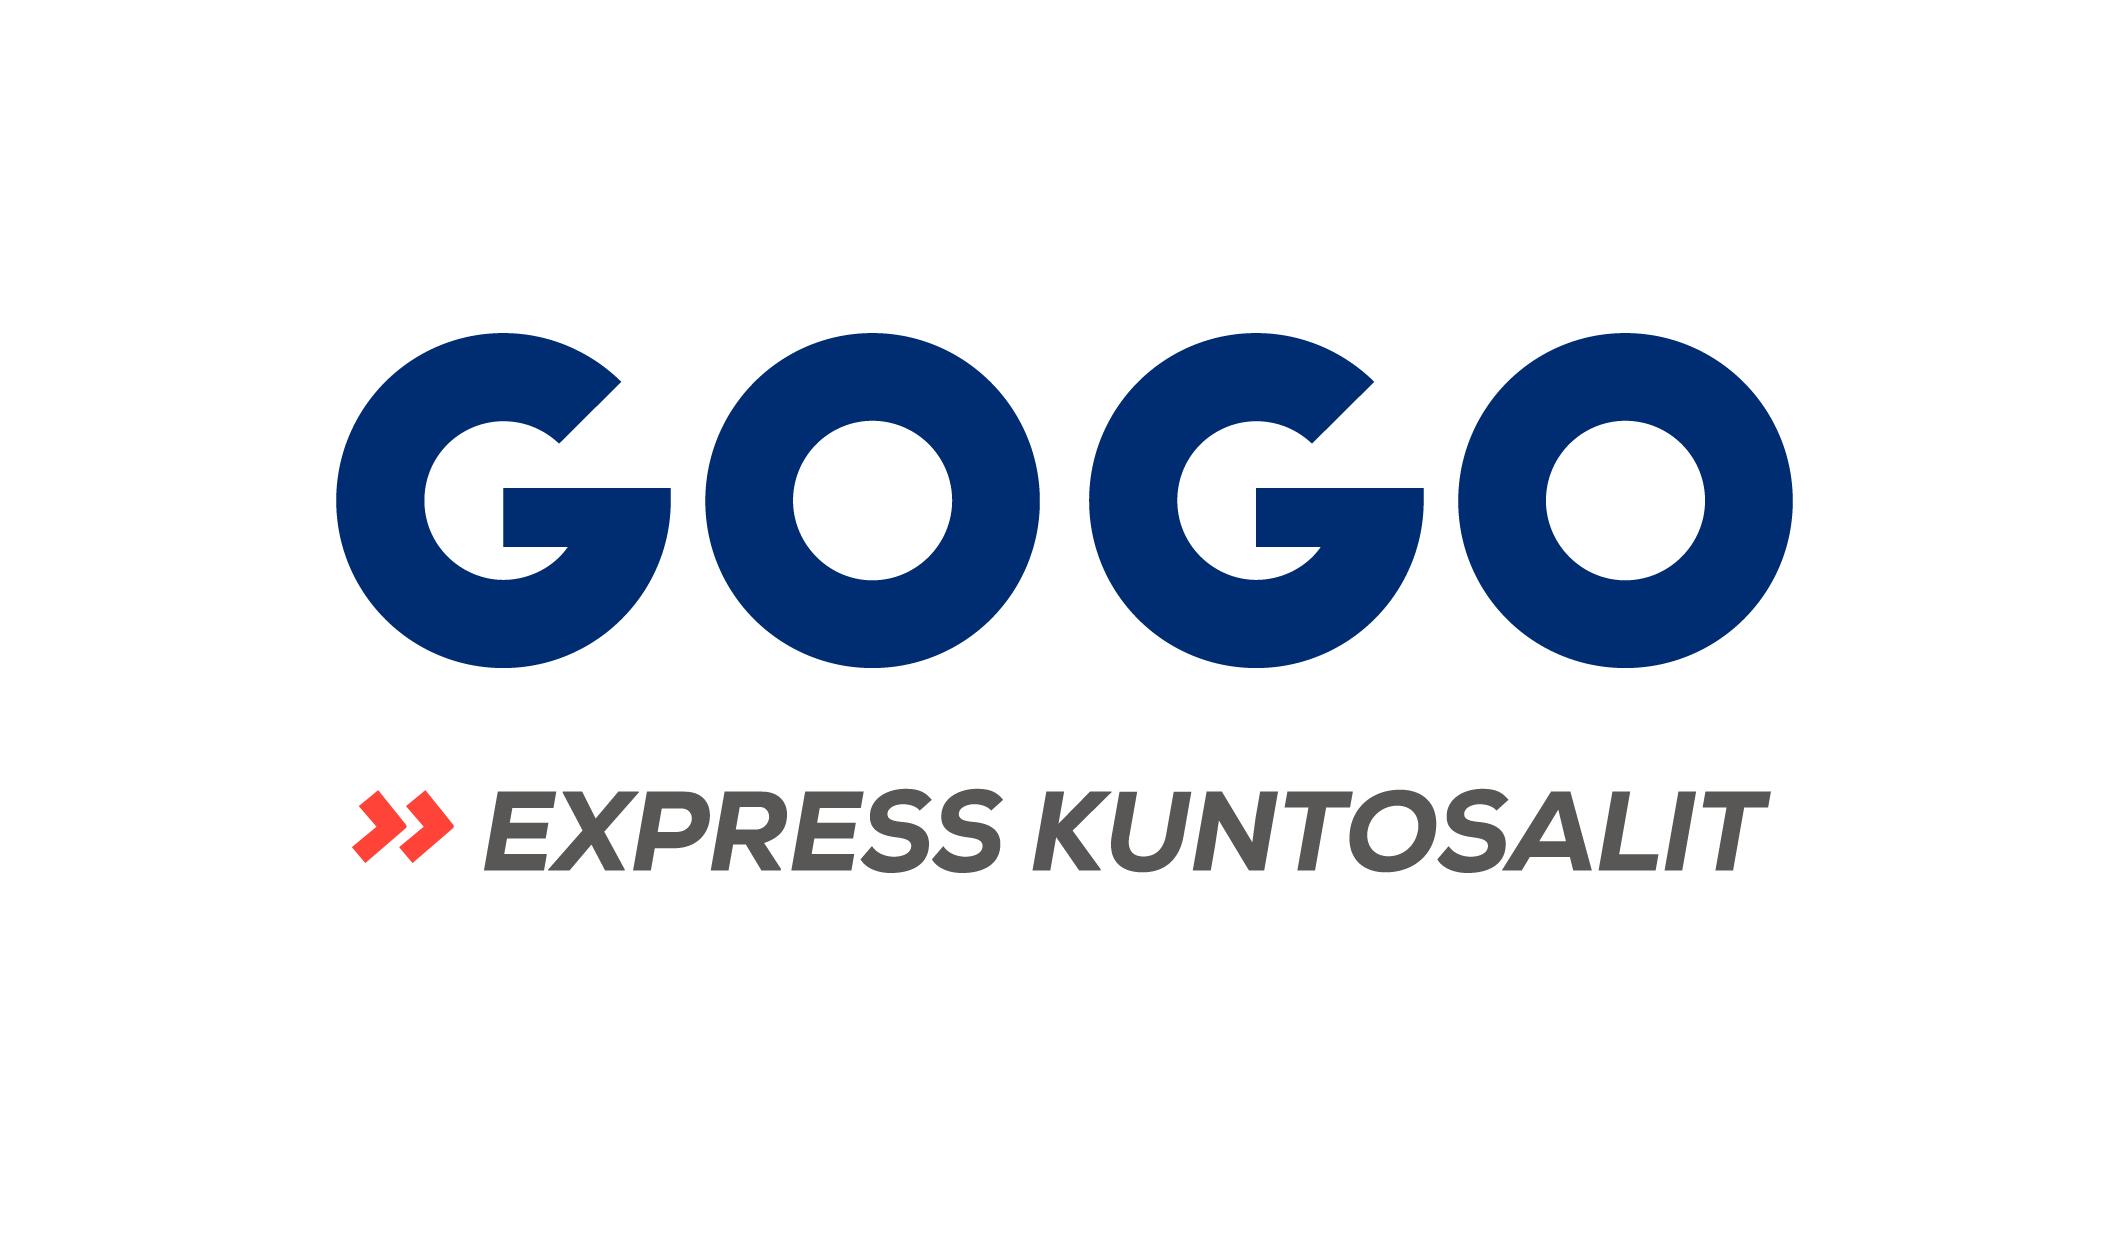 gpgp_express_kuntosaleja_pian_kymmenen